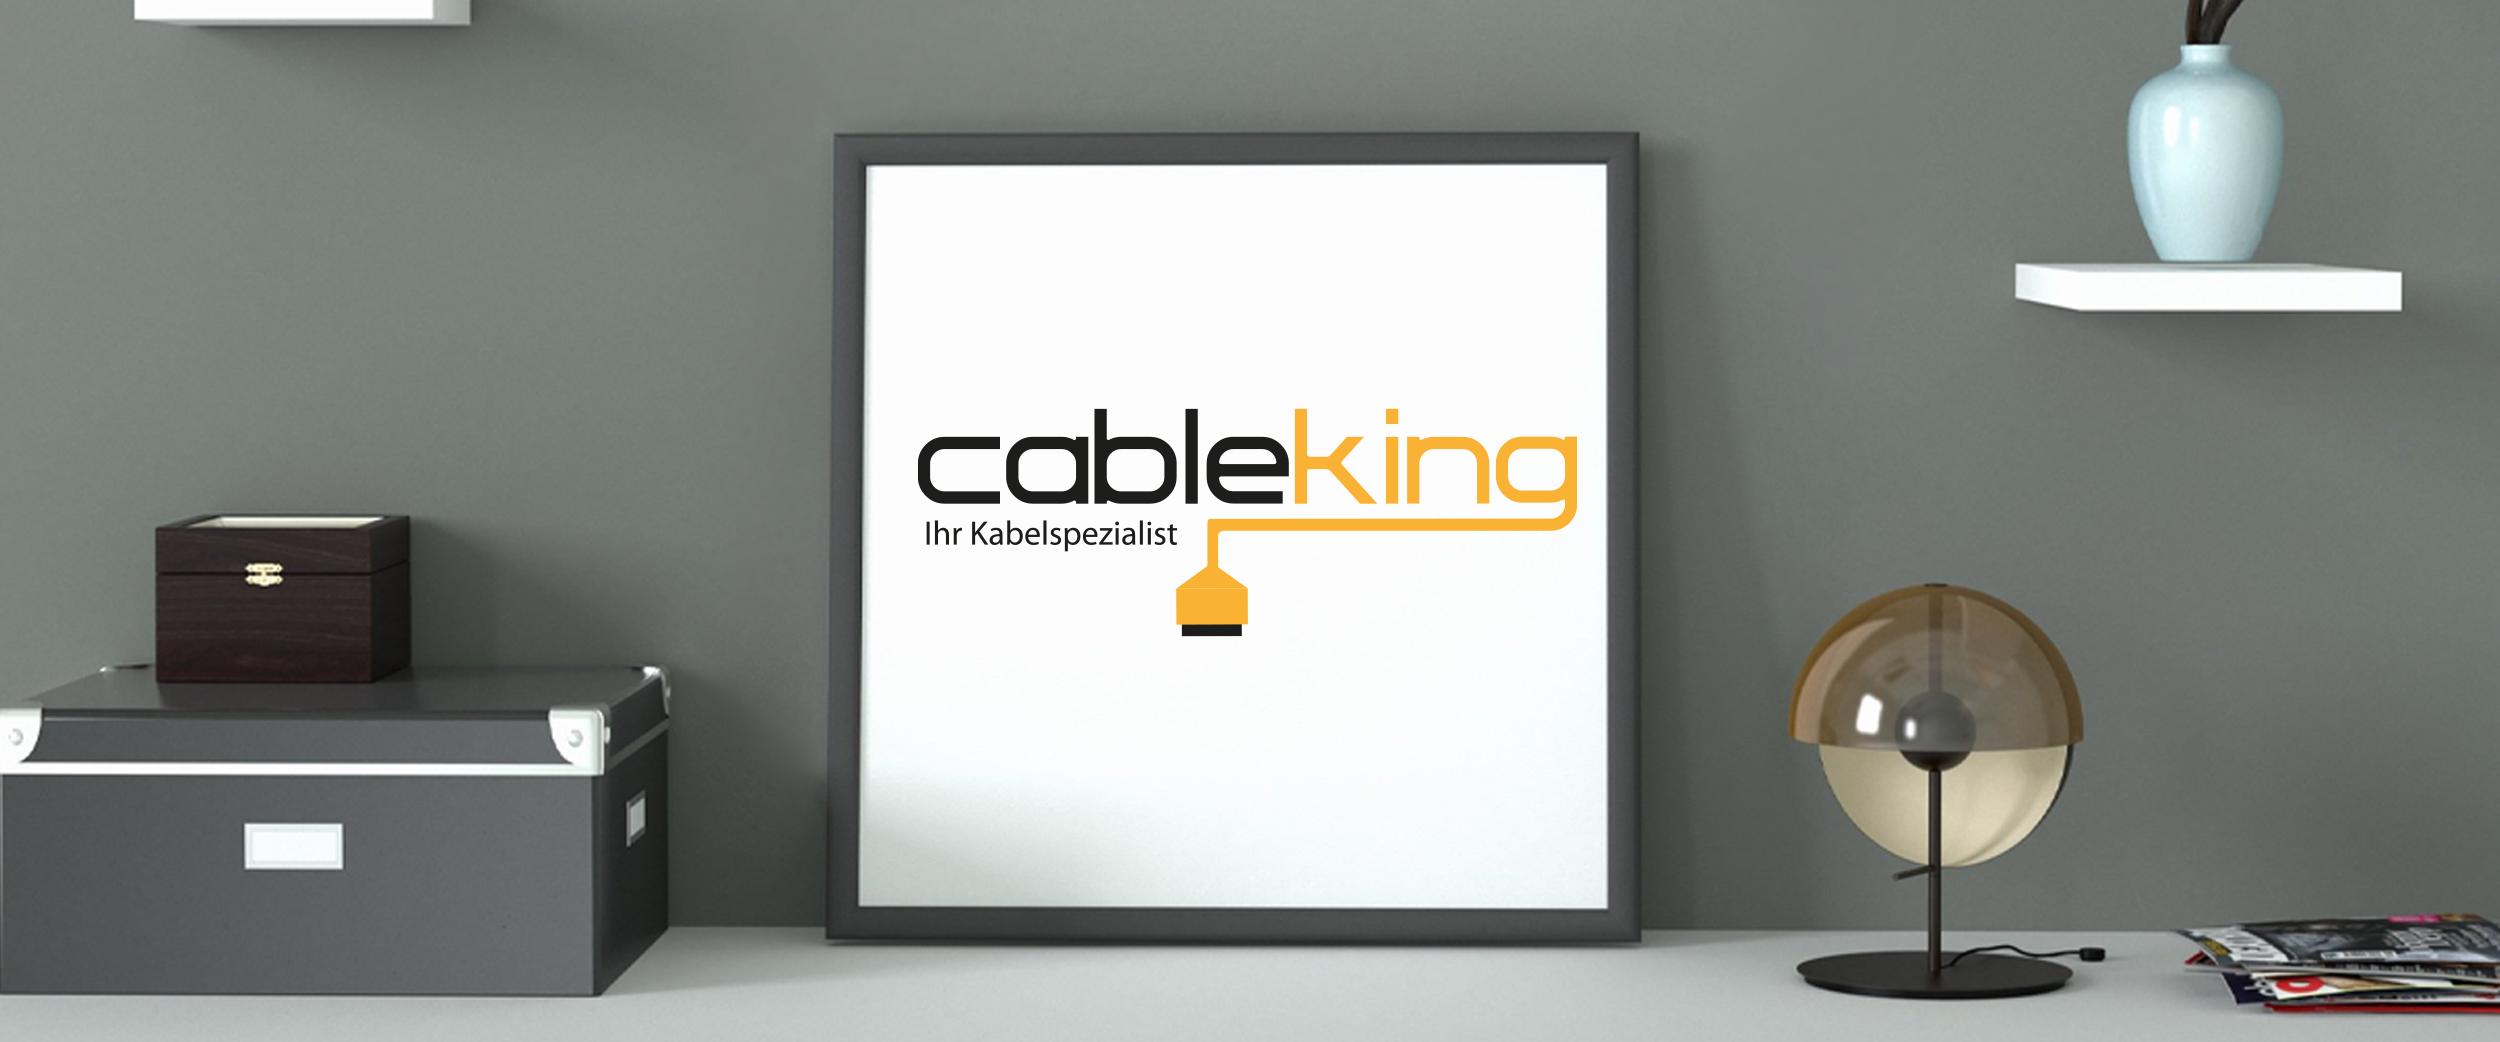 Cableking UG